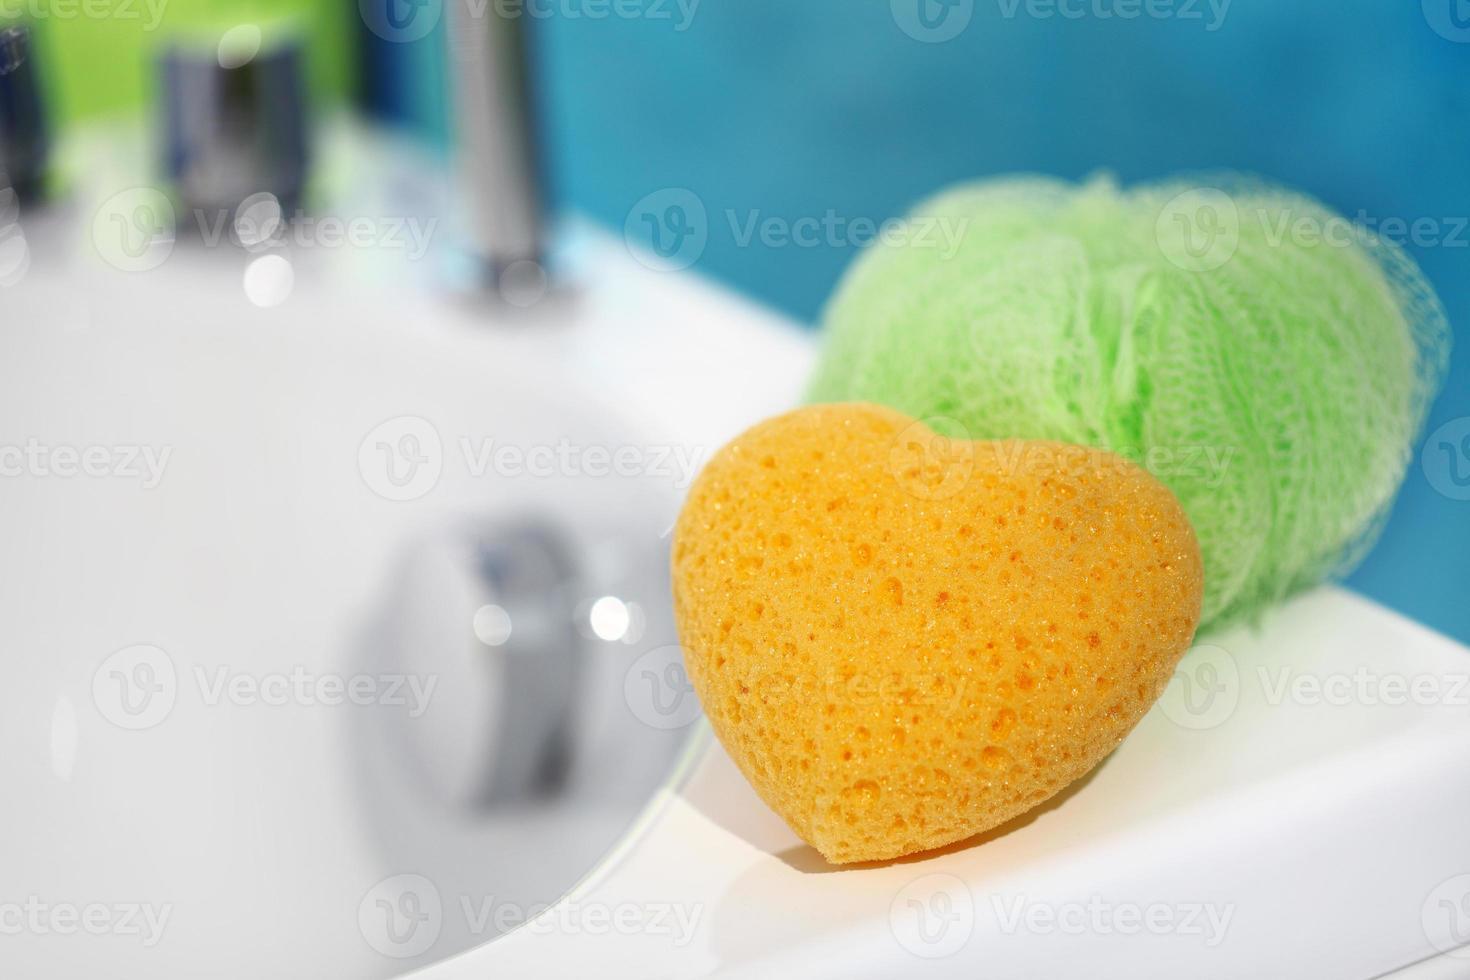 esponjas en el baño foto